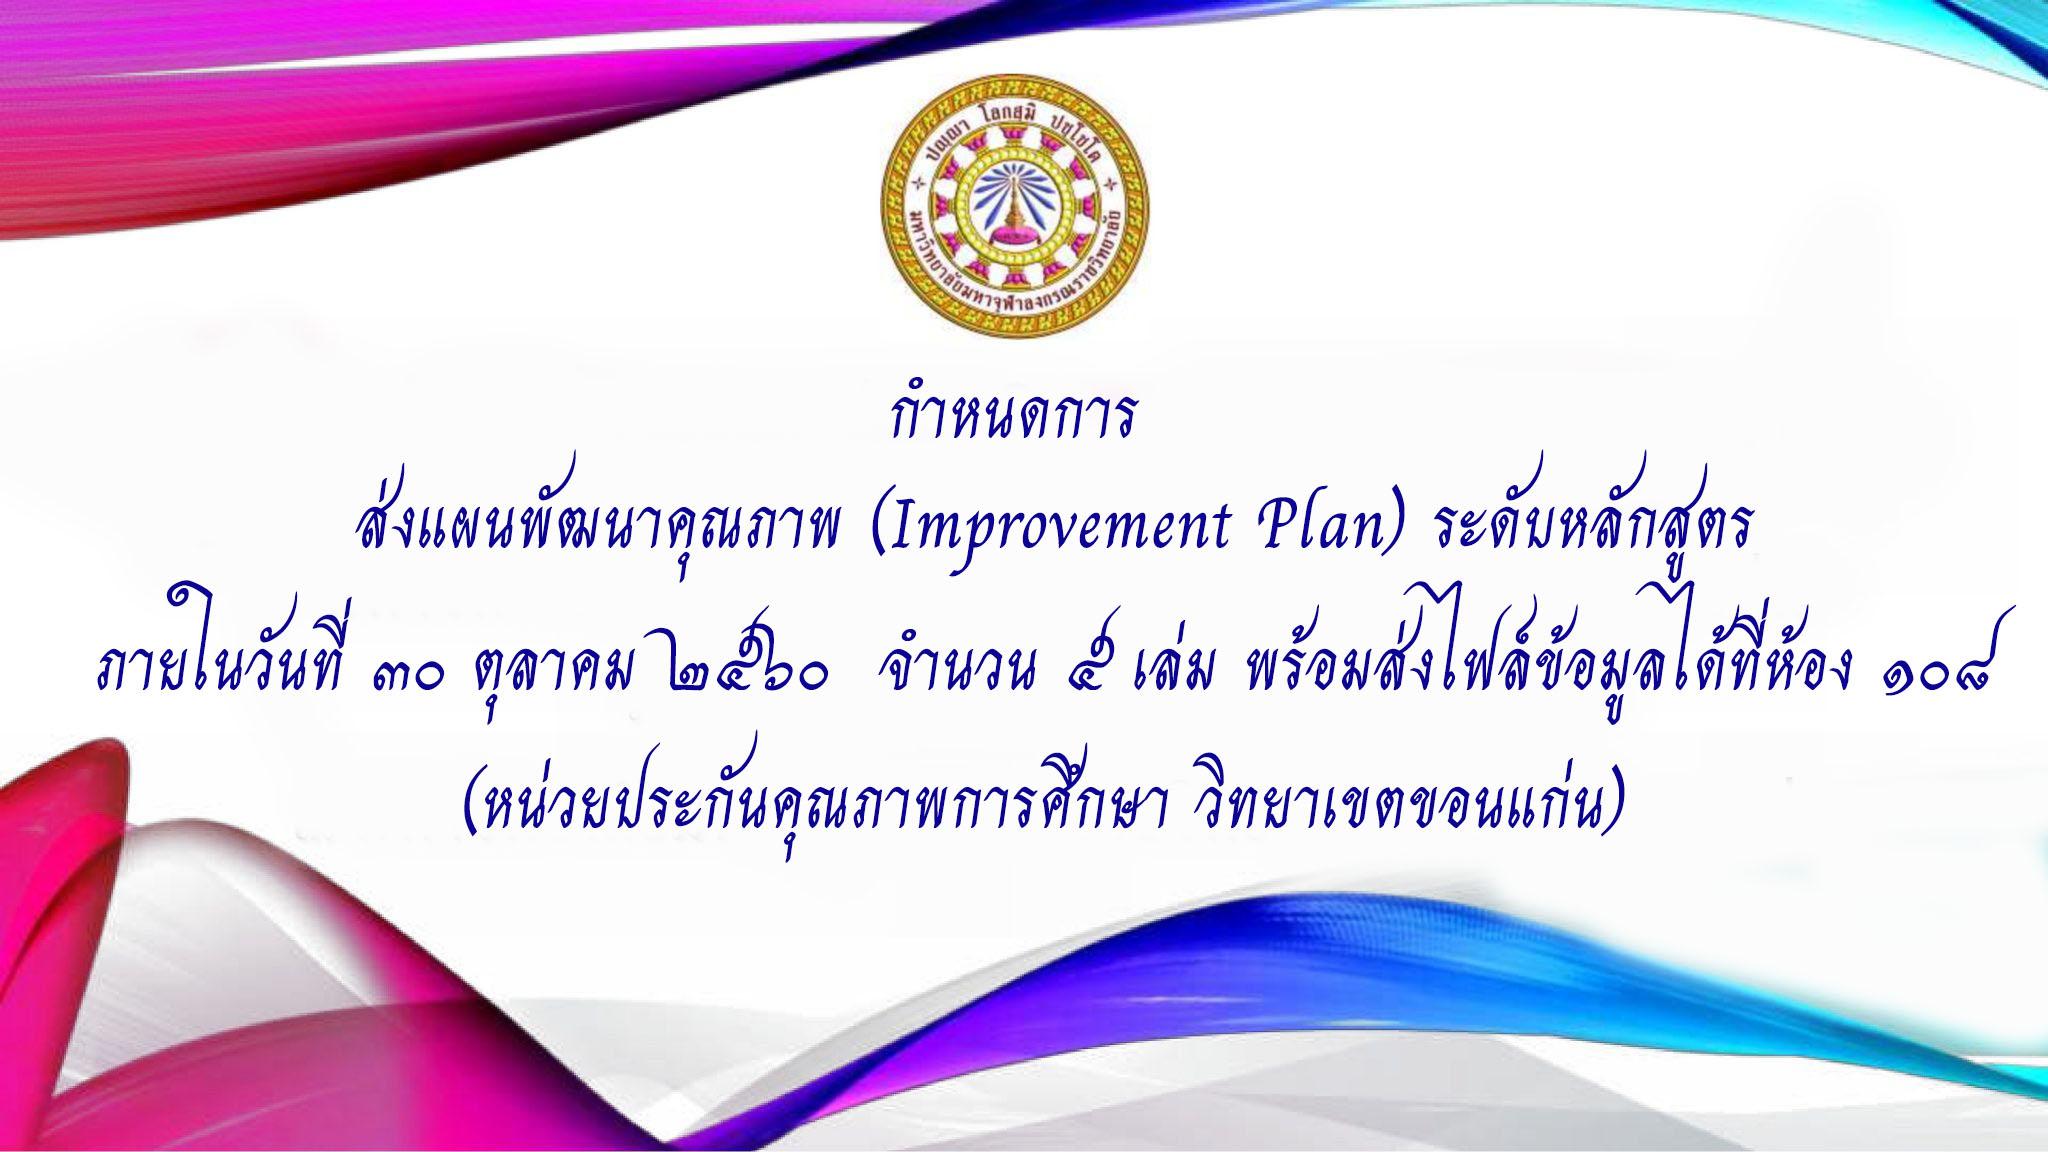 กำหนดการส่งแผนพัฒนาคุณภาพ(Improvement Plan)ระดับหลักสูตร